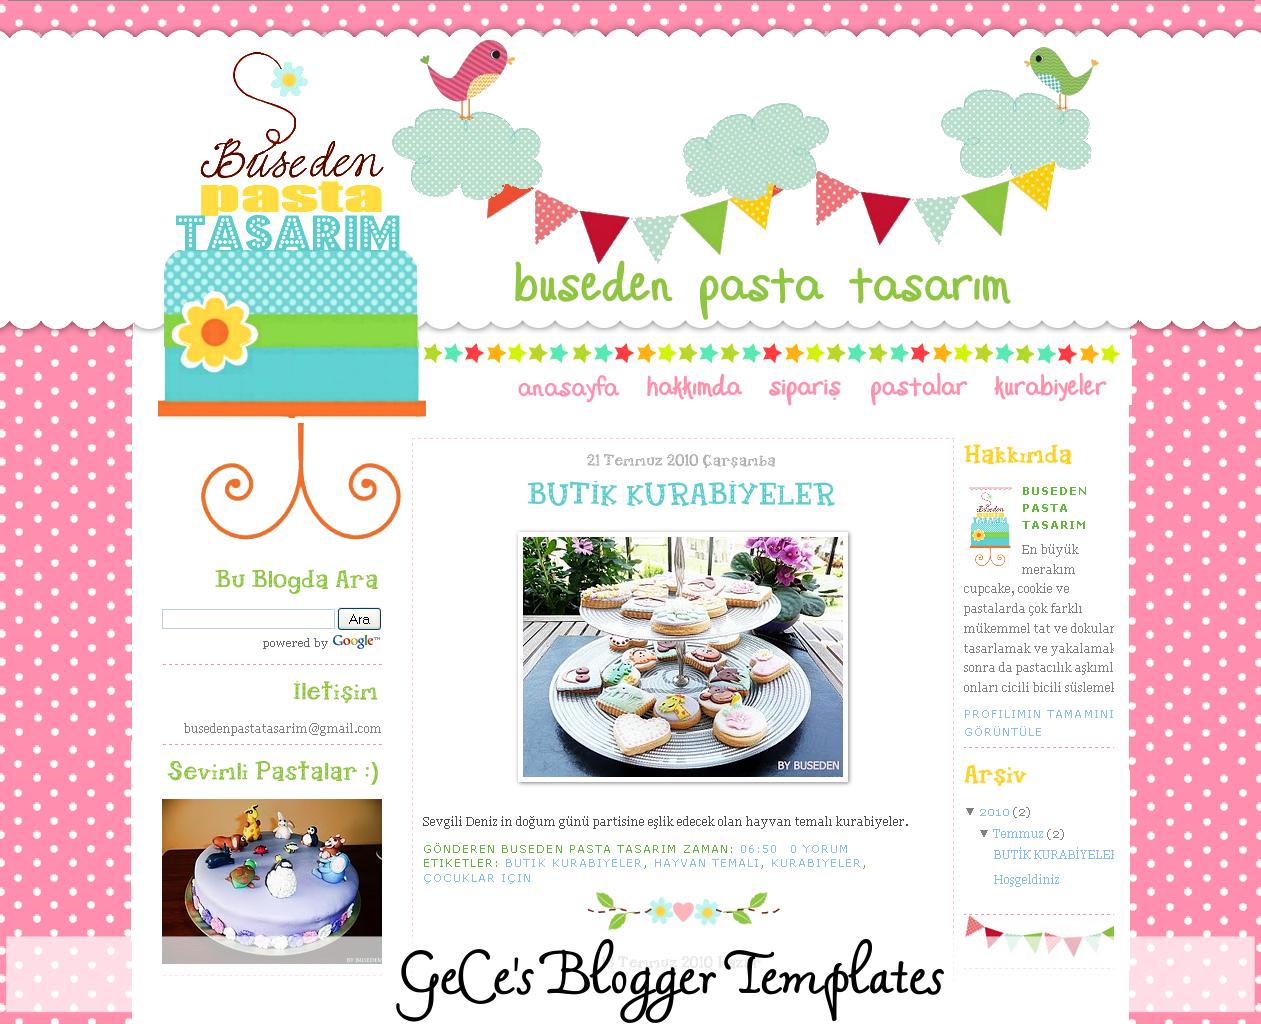 GeCe\'s Blogger Templates: A Cute Blog Design for Buseden